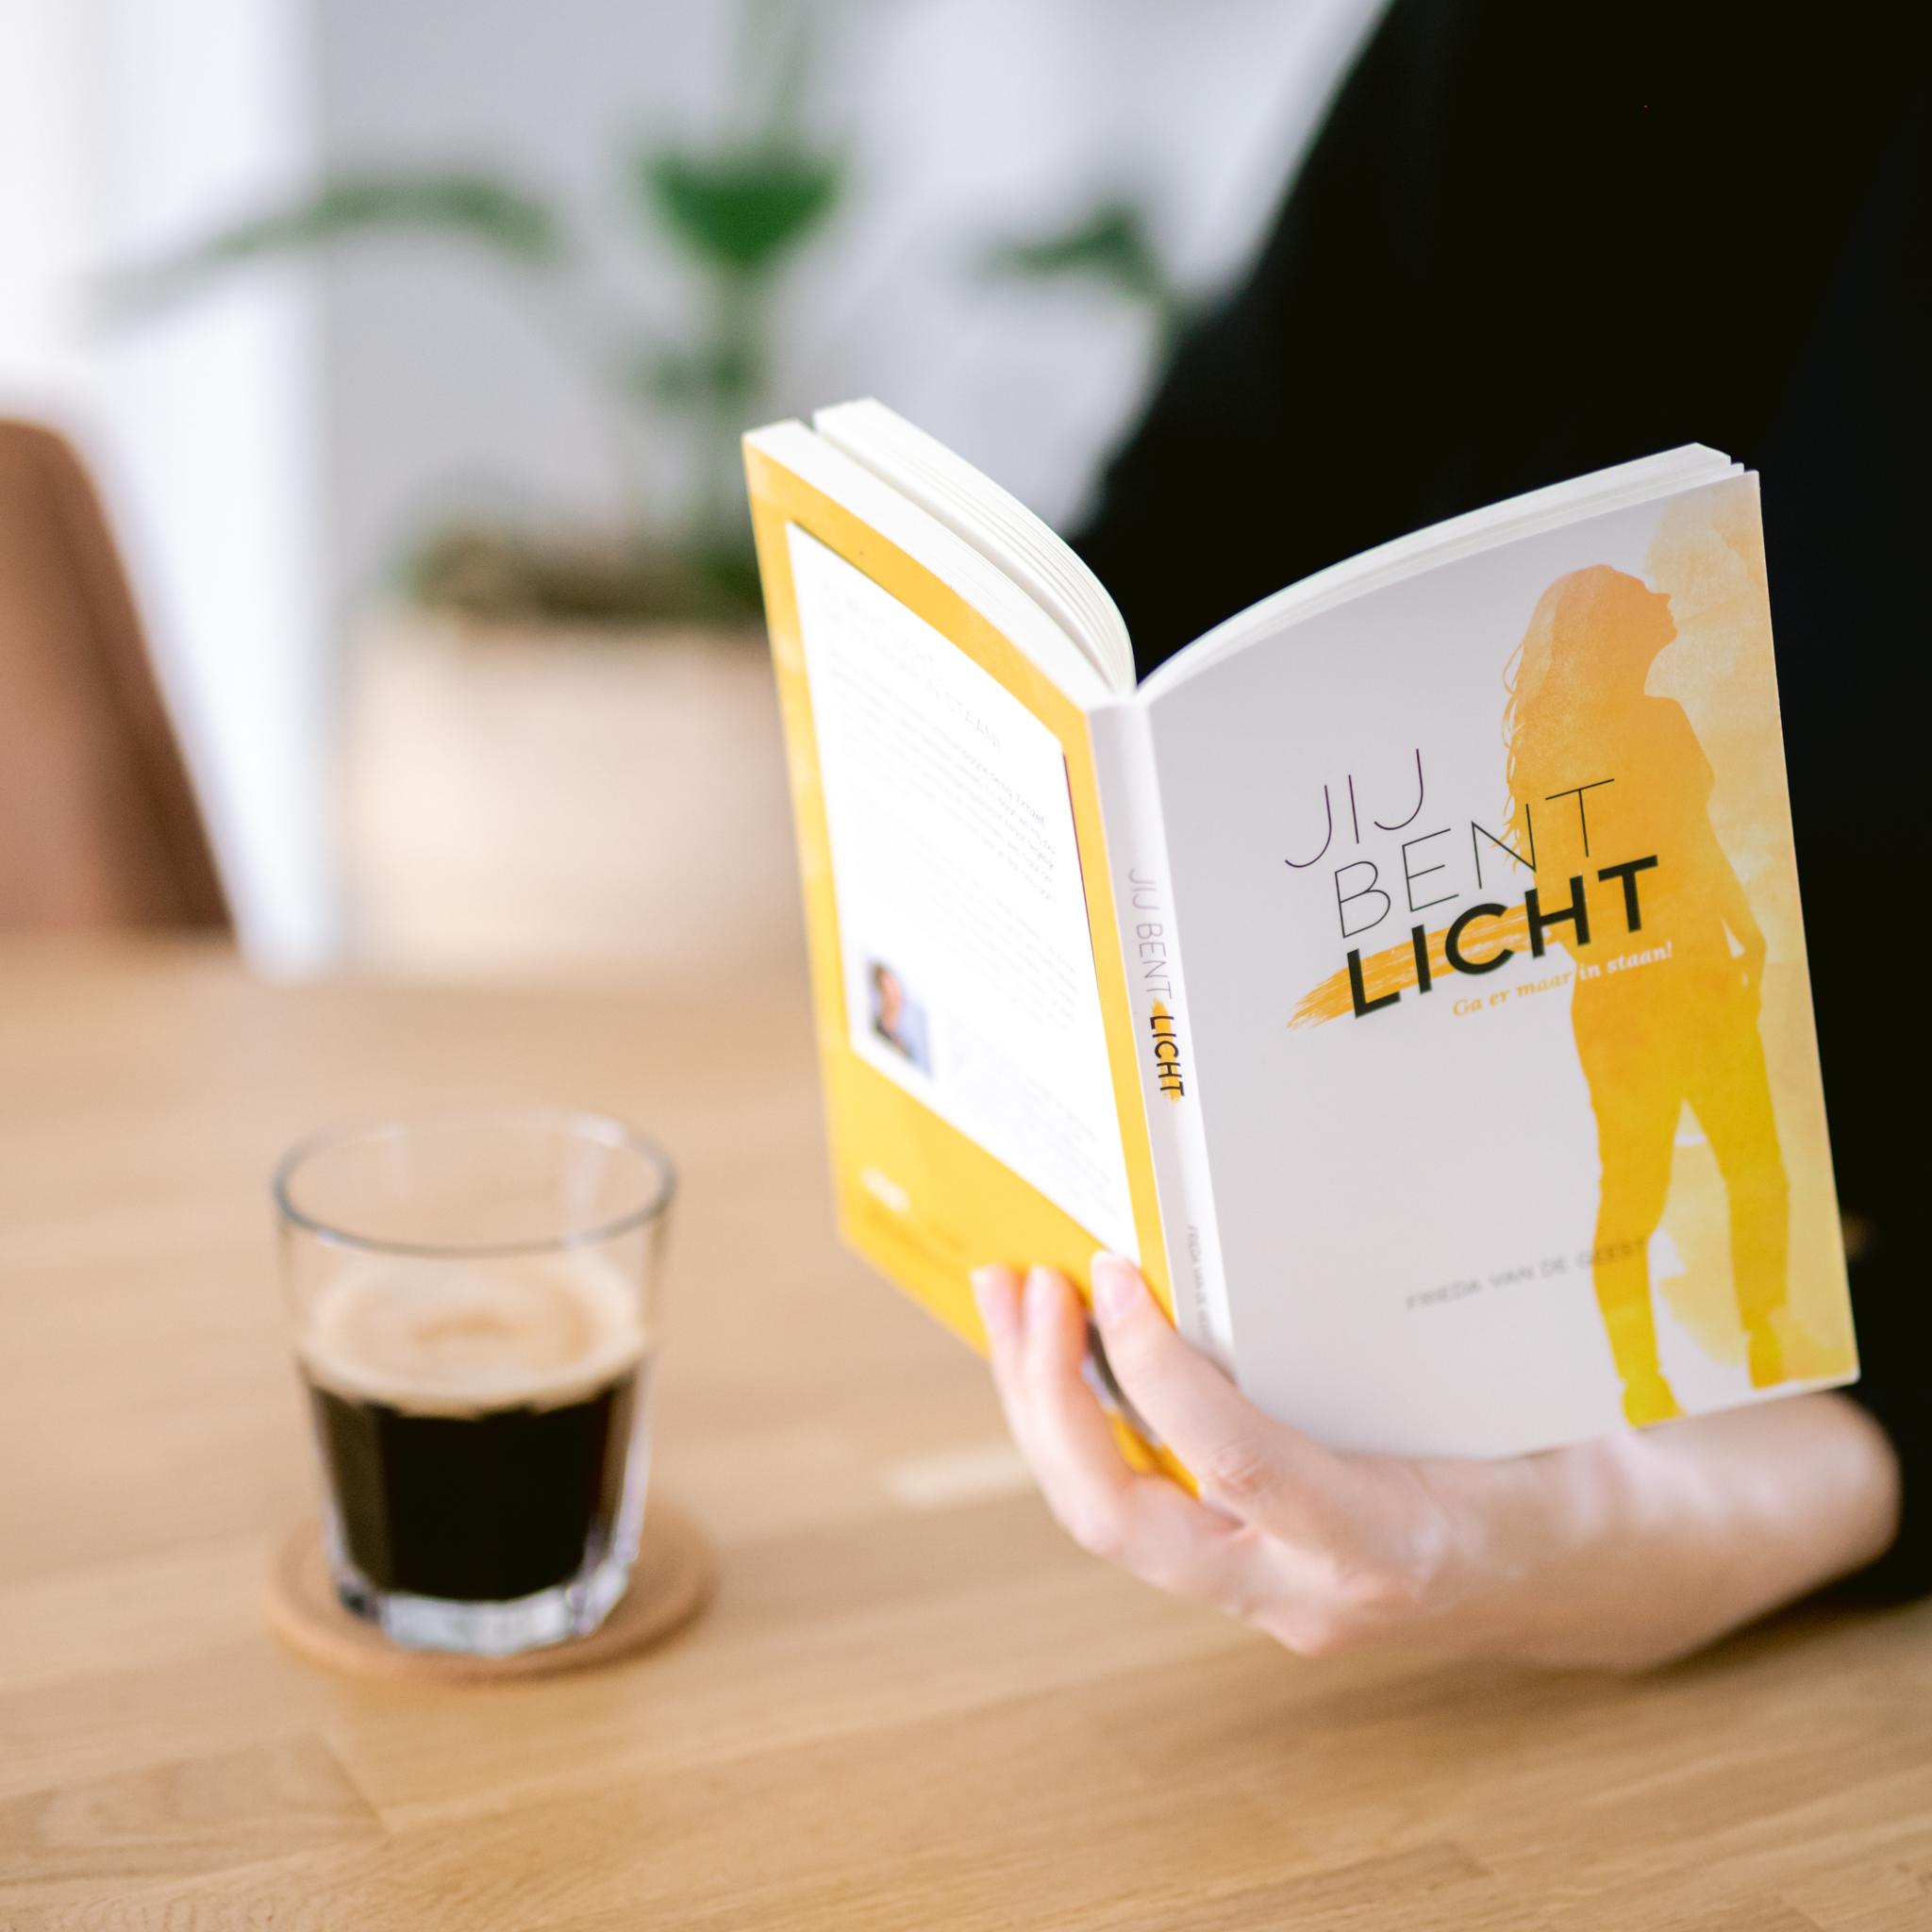 Jij bent licht